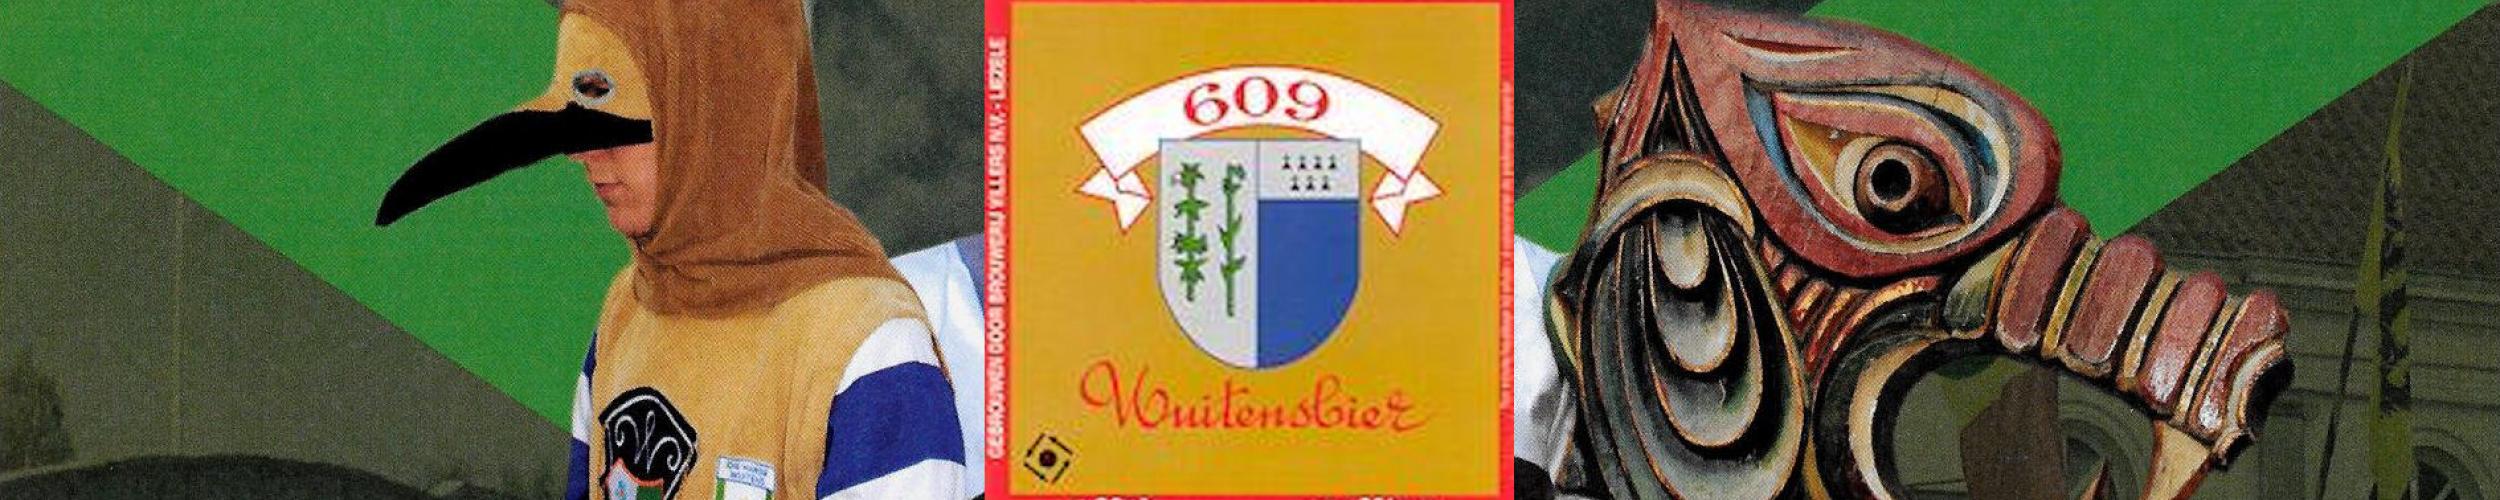 Wuitensbier 609